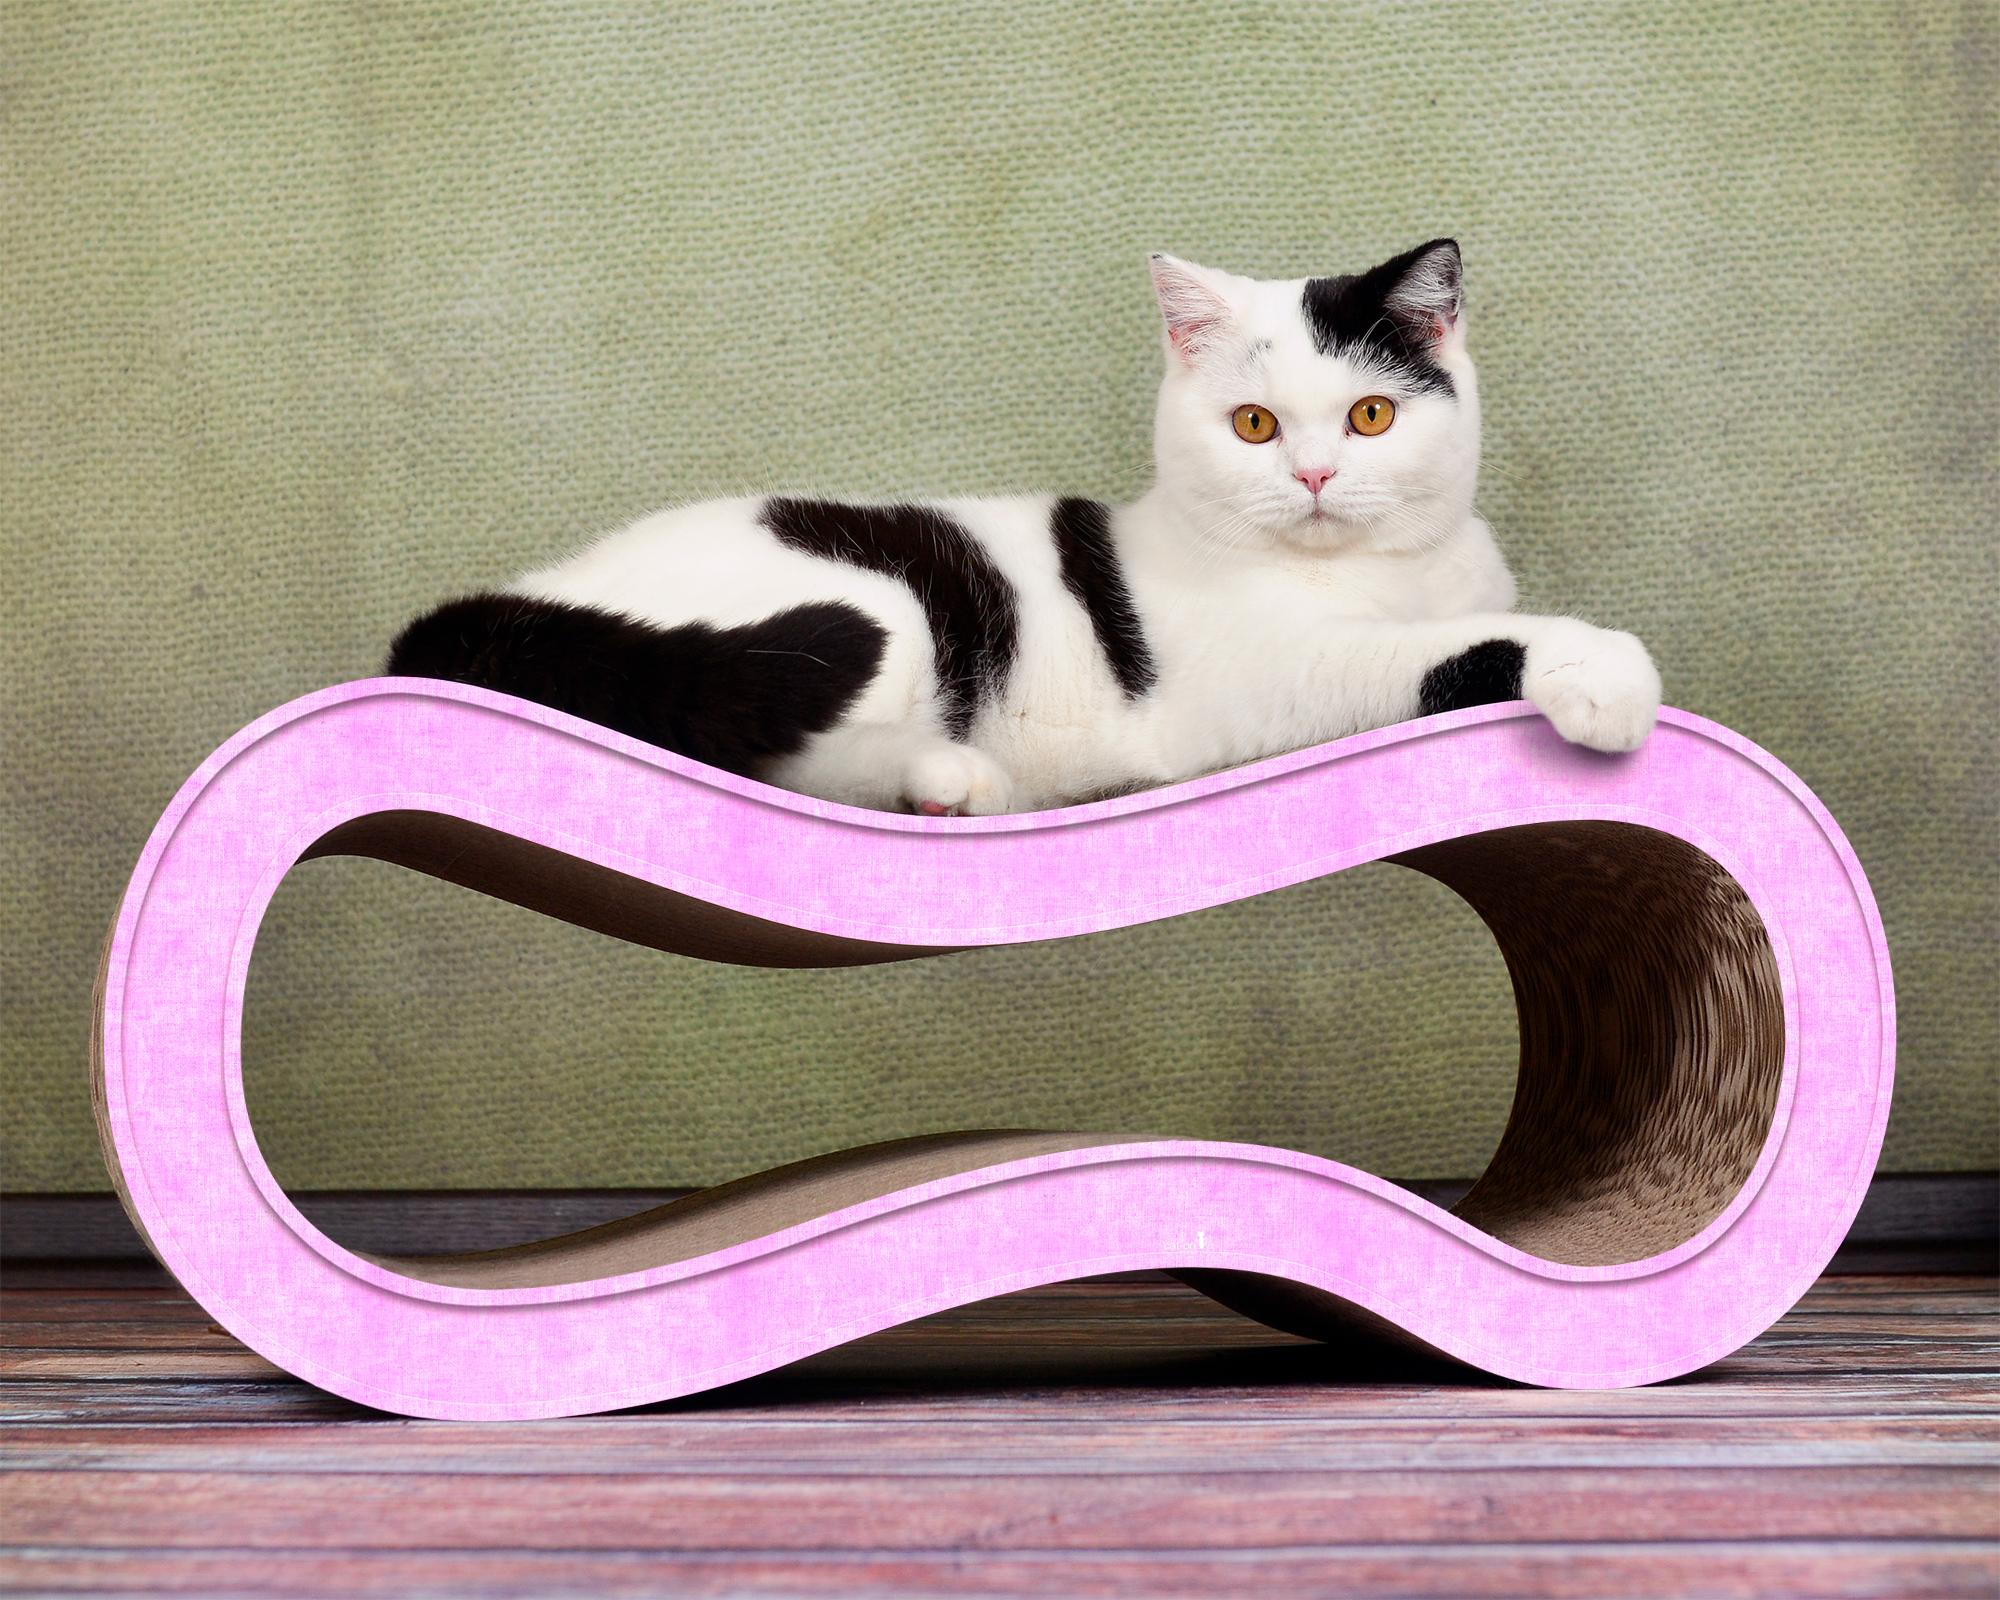 Unique cardboard cat scratcher Singha M in rose